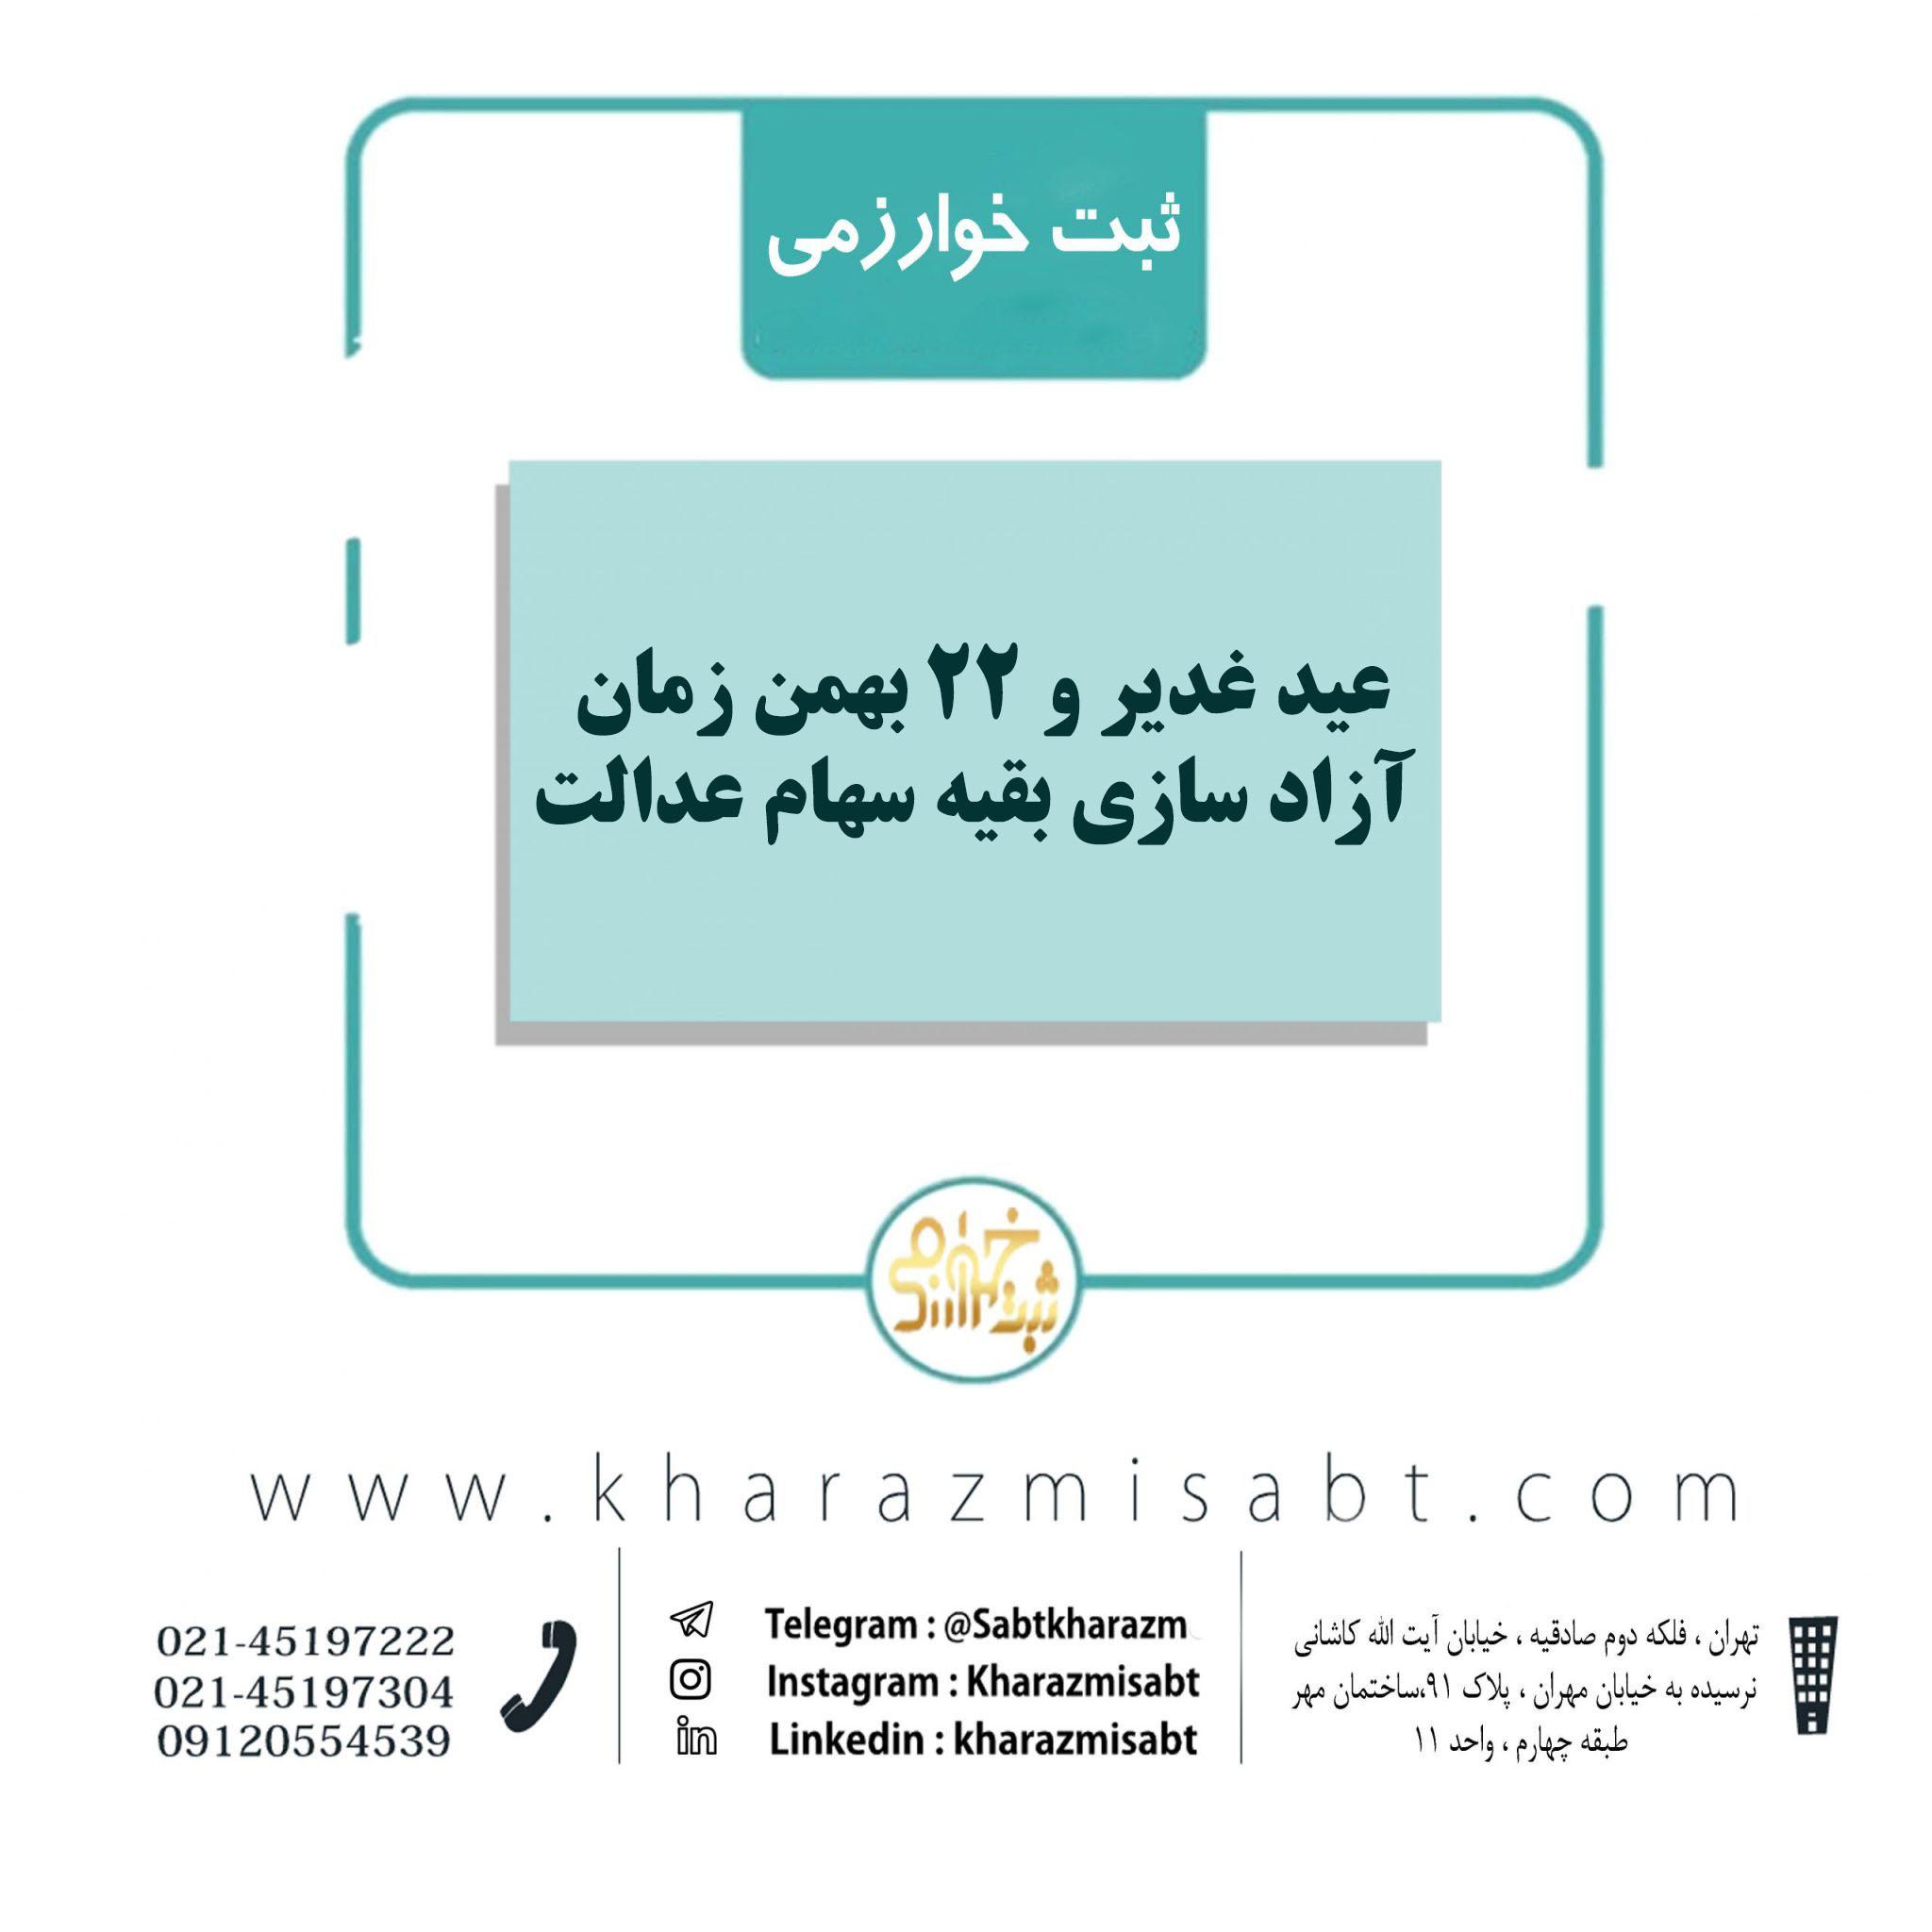 عید غدیر و 22 بهمن زمان آزاد سازی بقیه سهام عدالت